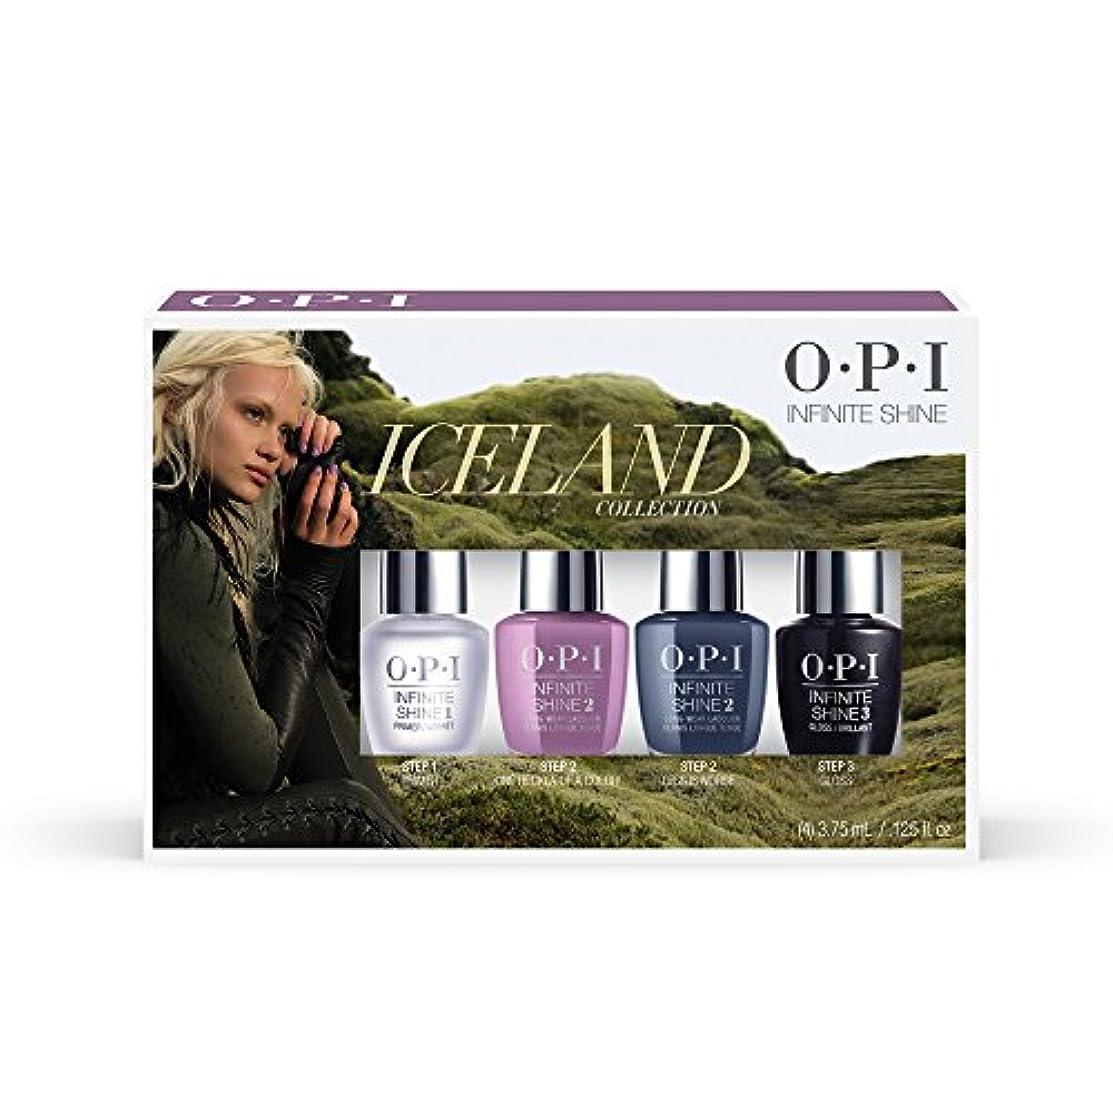 傭兵閉じるセールOPI(オーピーアイ) アイスランド コレクション インフィニット シャイン ミニパック